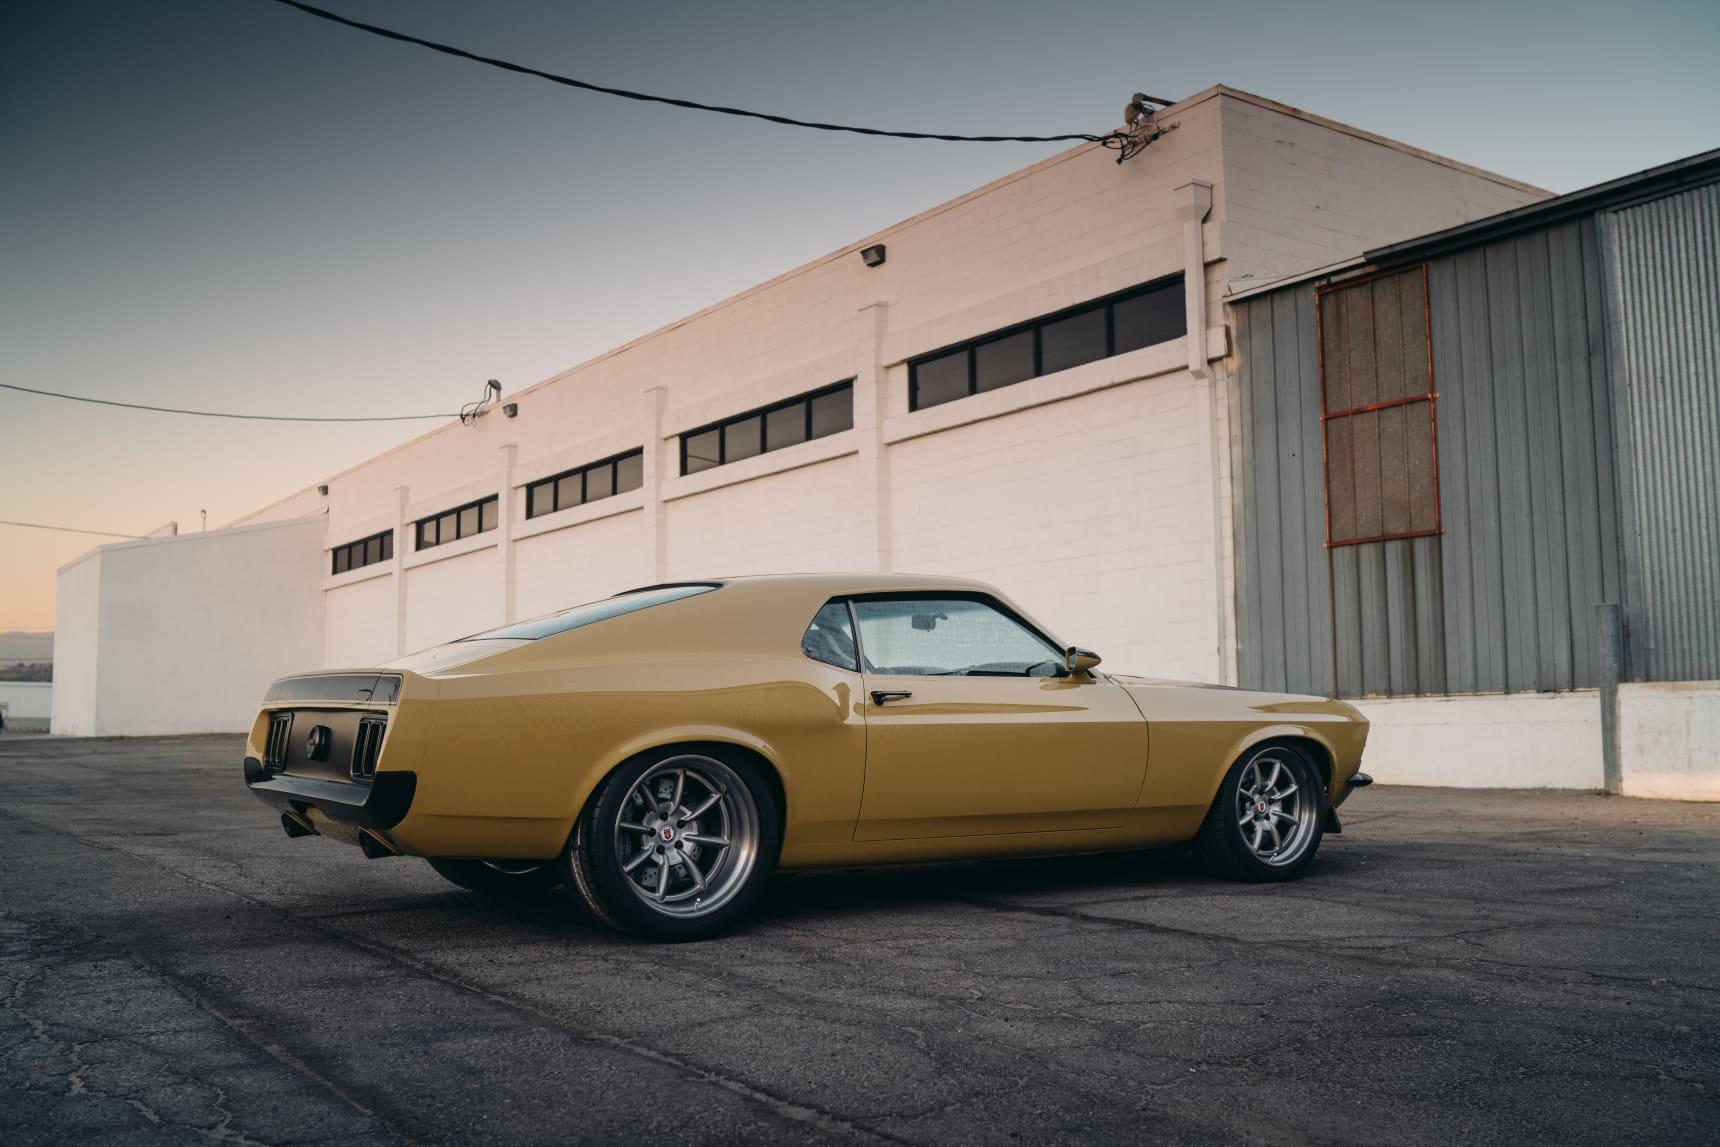 Ein wahrgewordener Männertraum mit 667 PS: Robert Downey Jr's Mustang von 1970 4